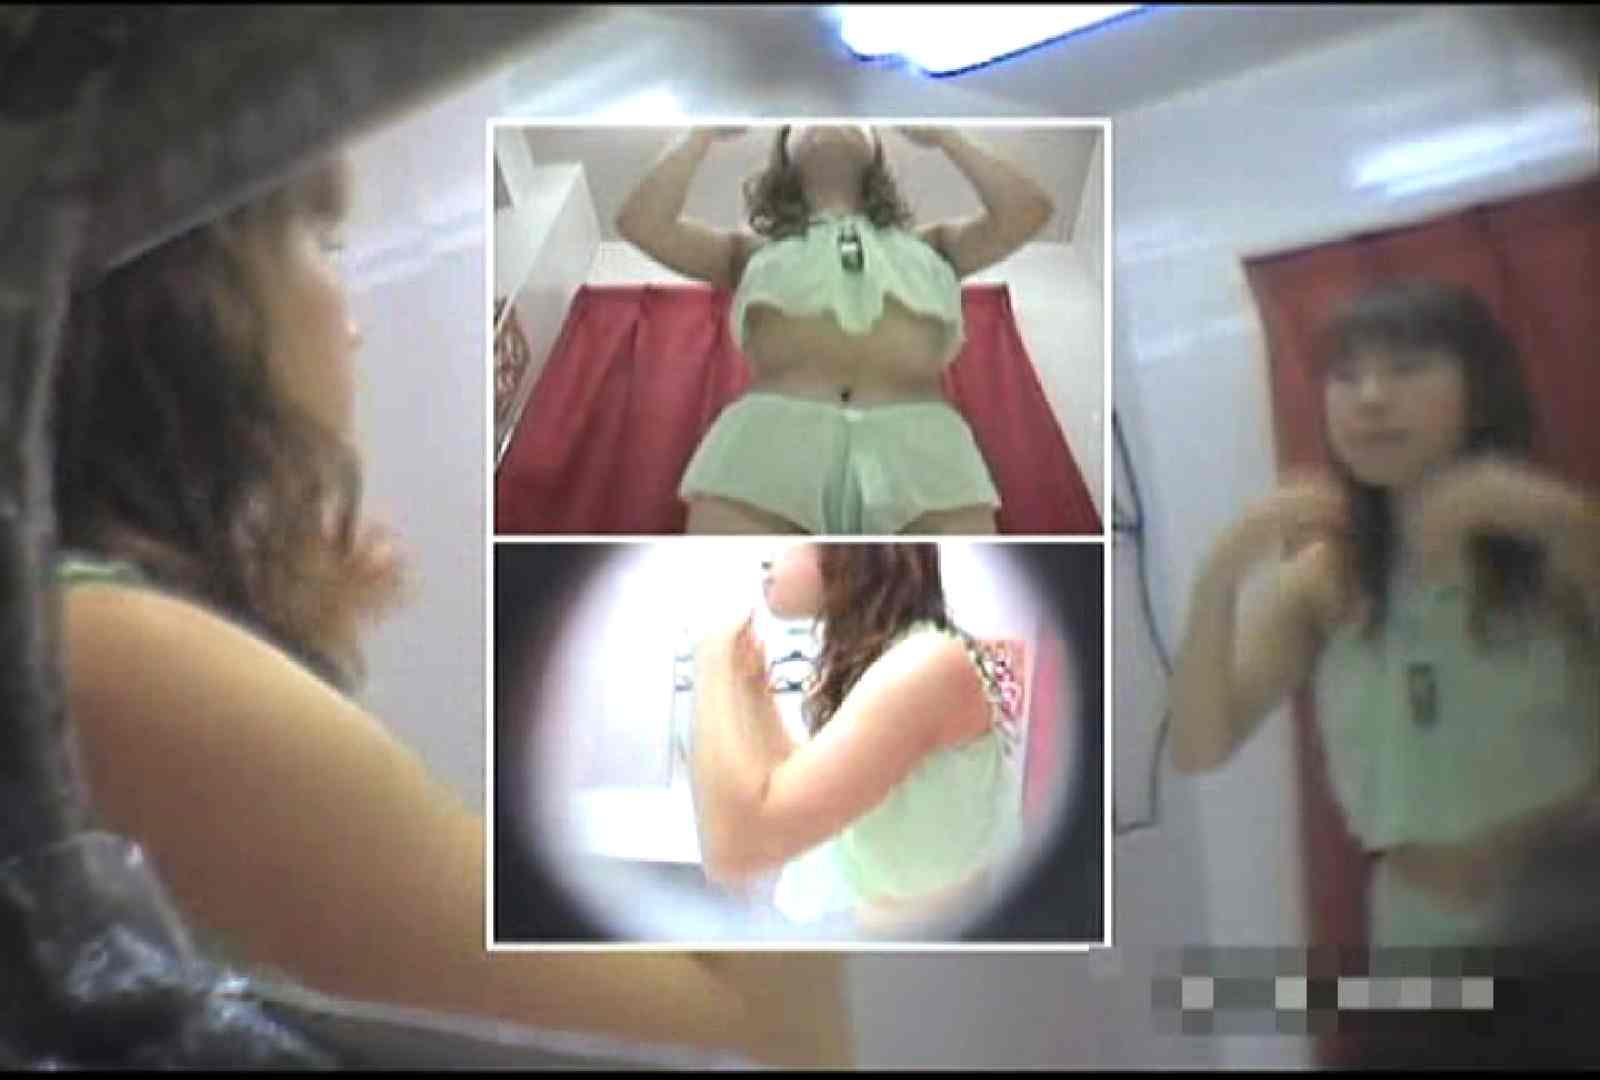 ショップ店長流出!!変態下着を買い漁る女達!Vol.8 美しいOLの裸体 オマンコ無修正動画無料 74pic 17